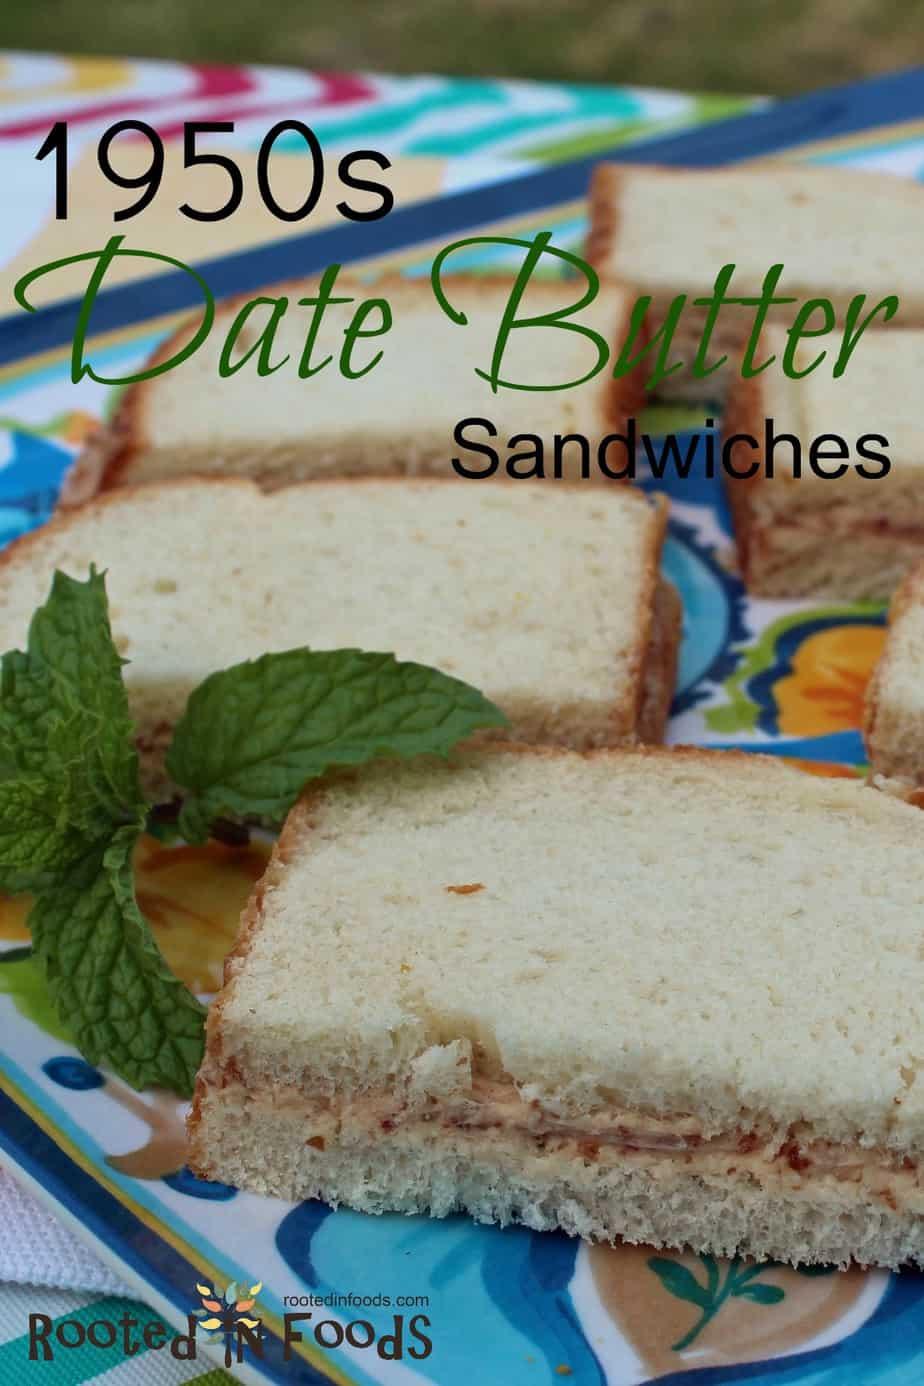 Date butter sandwiches